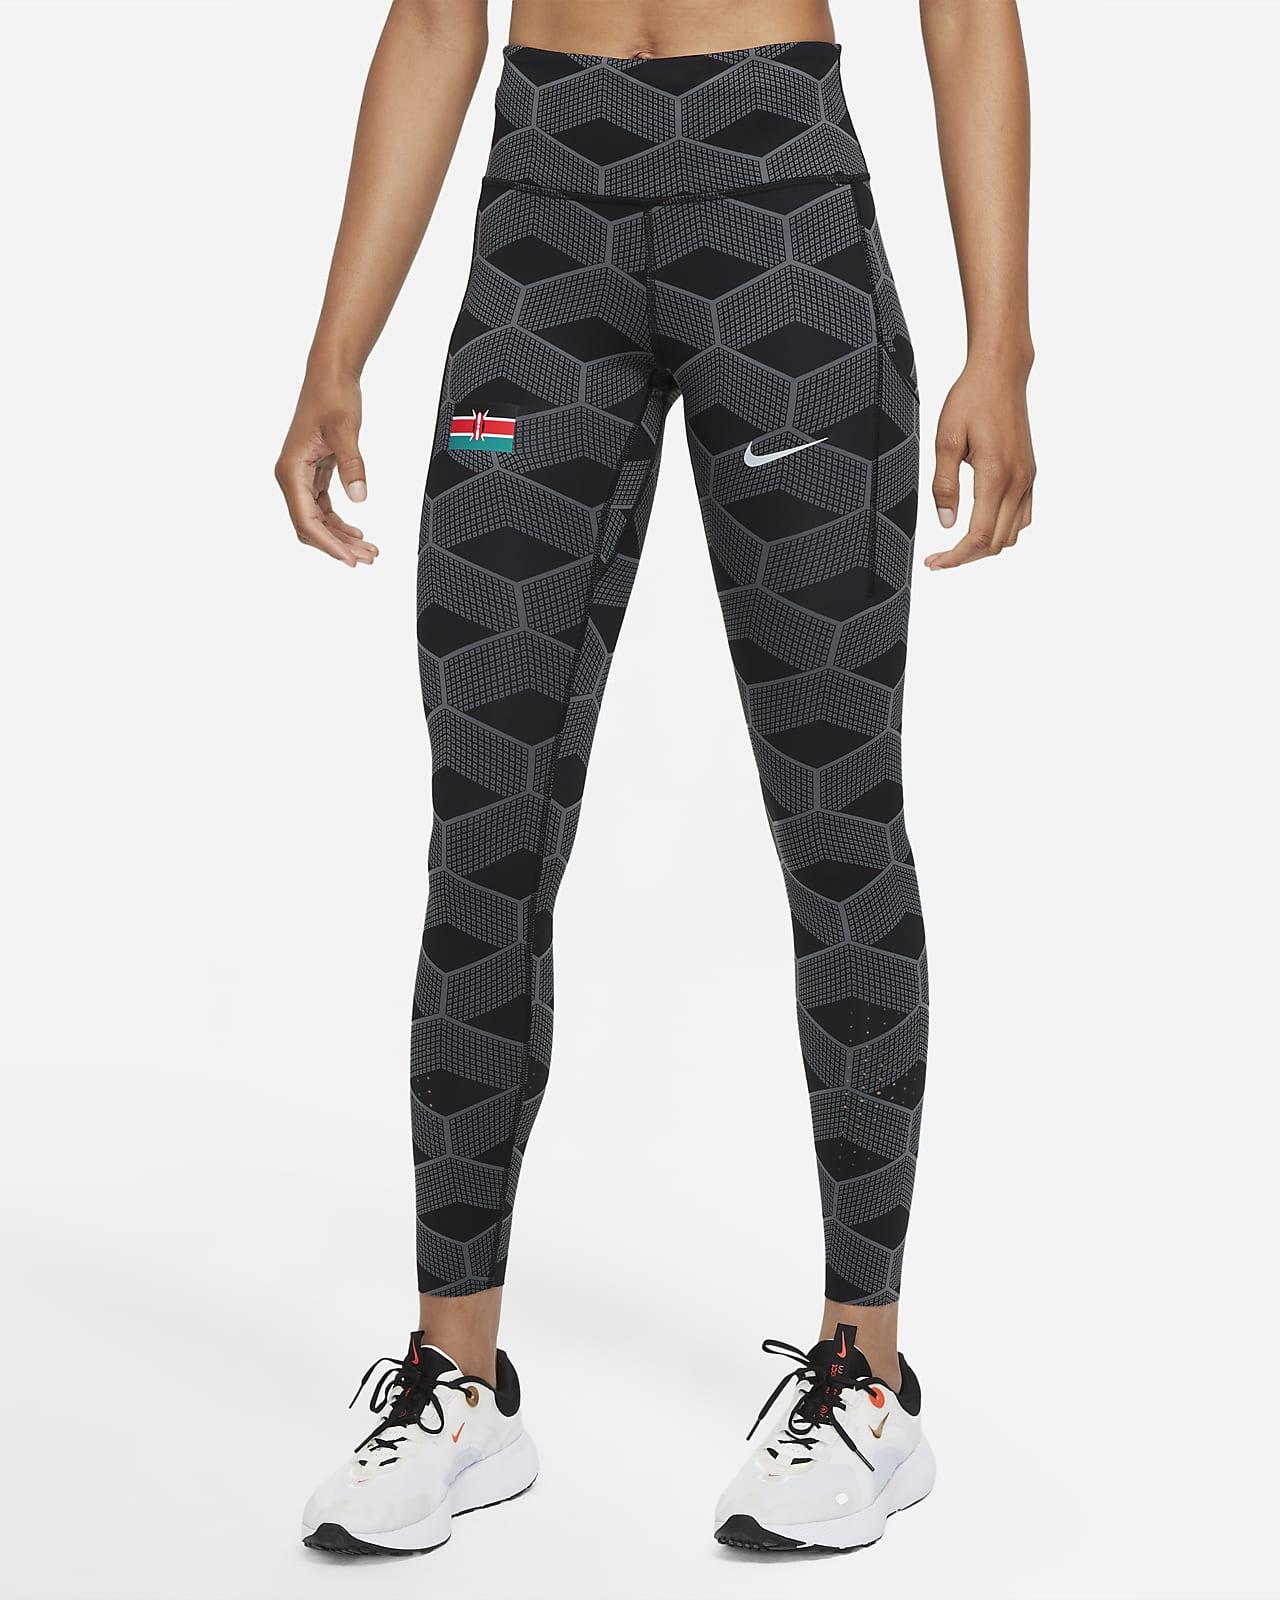 Löparleggings Nike Team Kenya Epic Luxe med medelhög midja för kvinnor